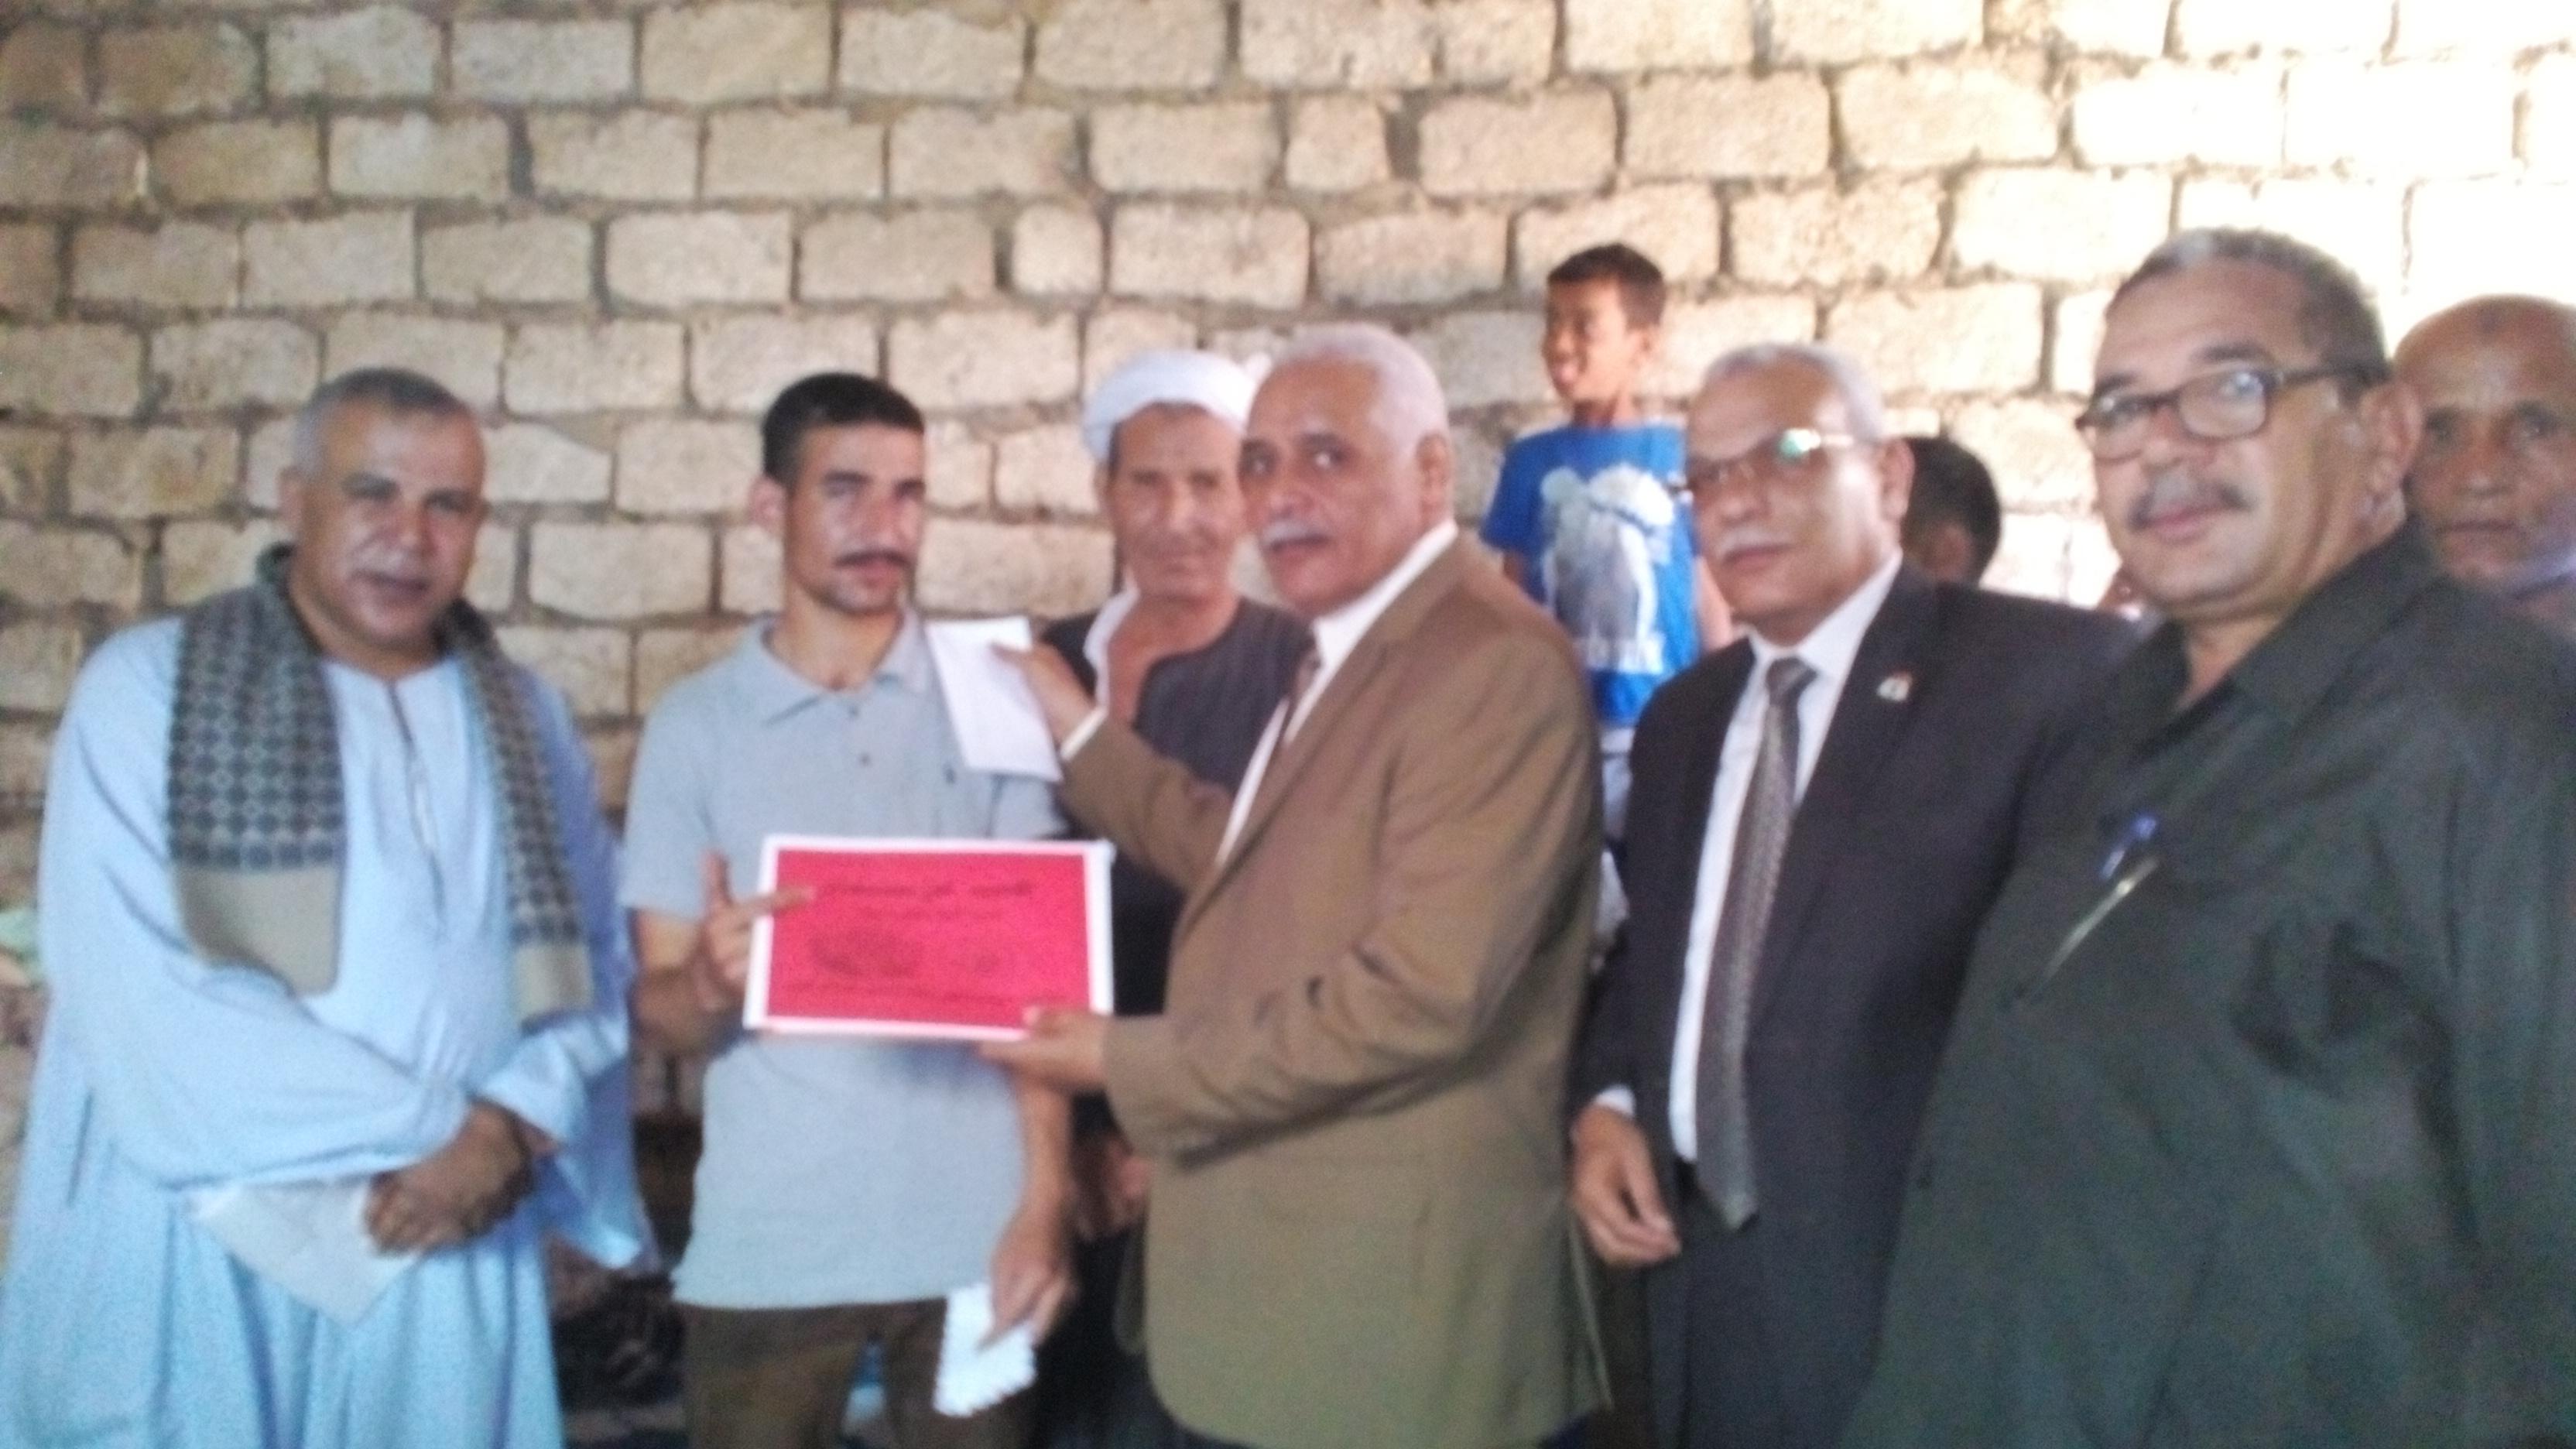 وكيل الوزارة يهدى شهادة تقدير للطالب